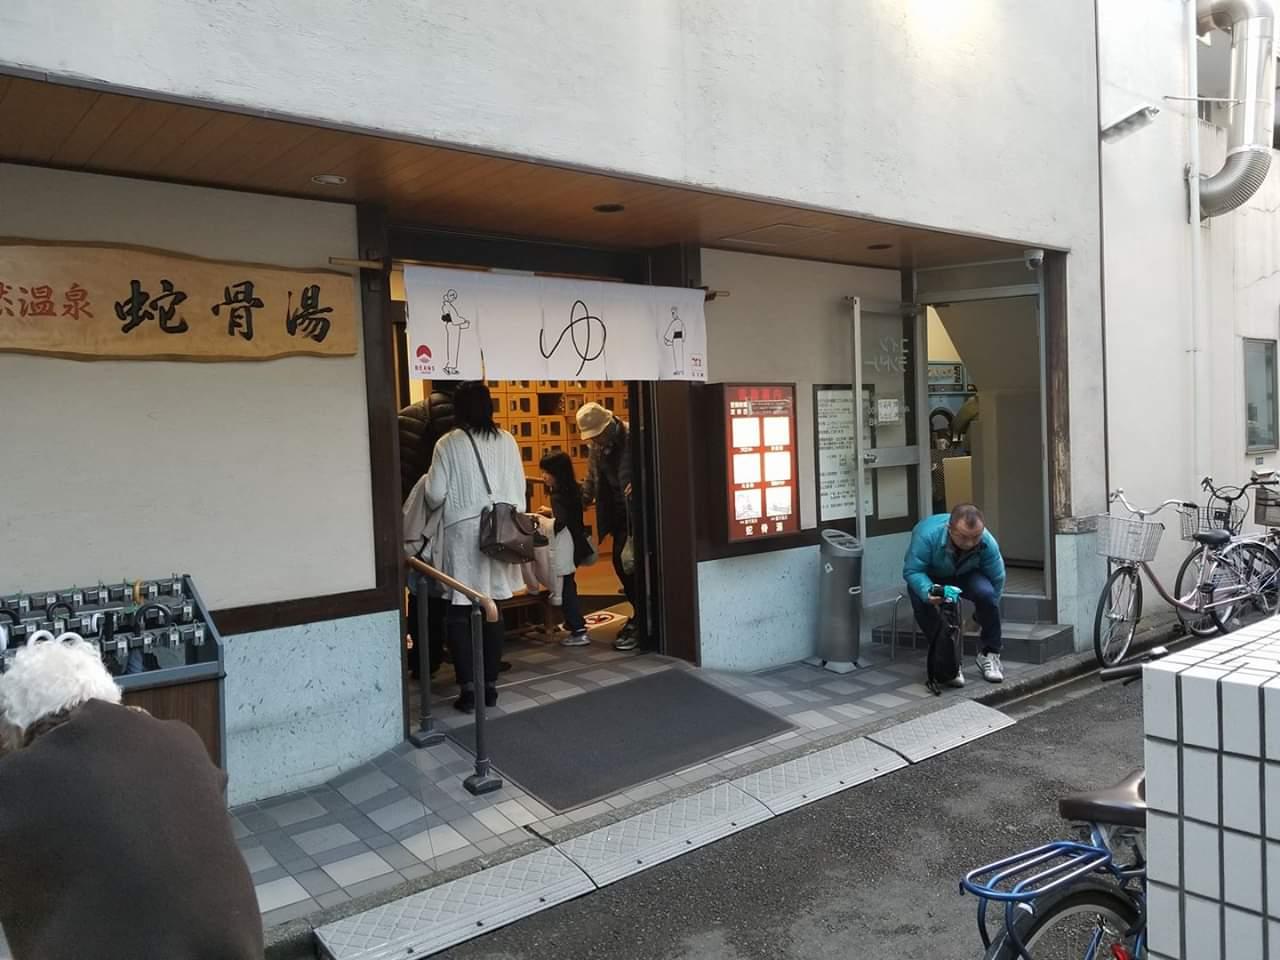 浅草の歴史あるお店の灯が消えてゆく。